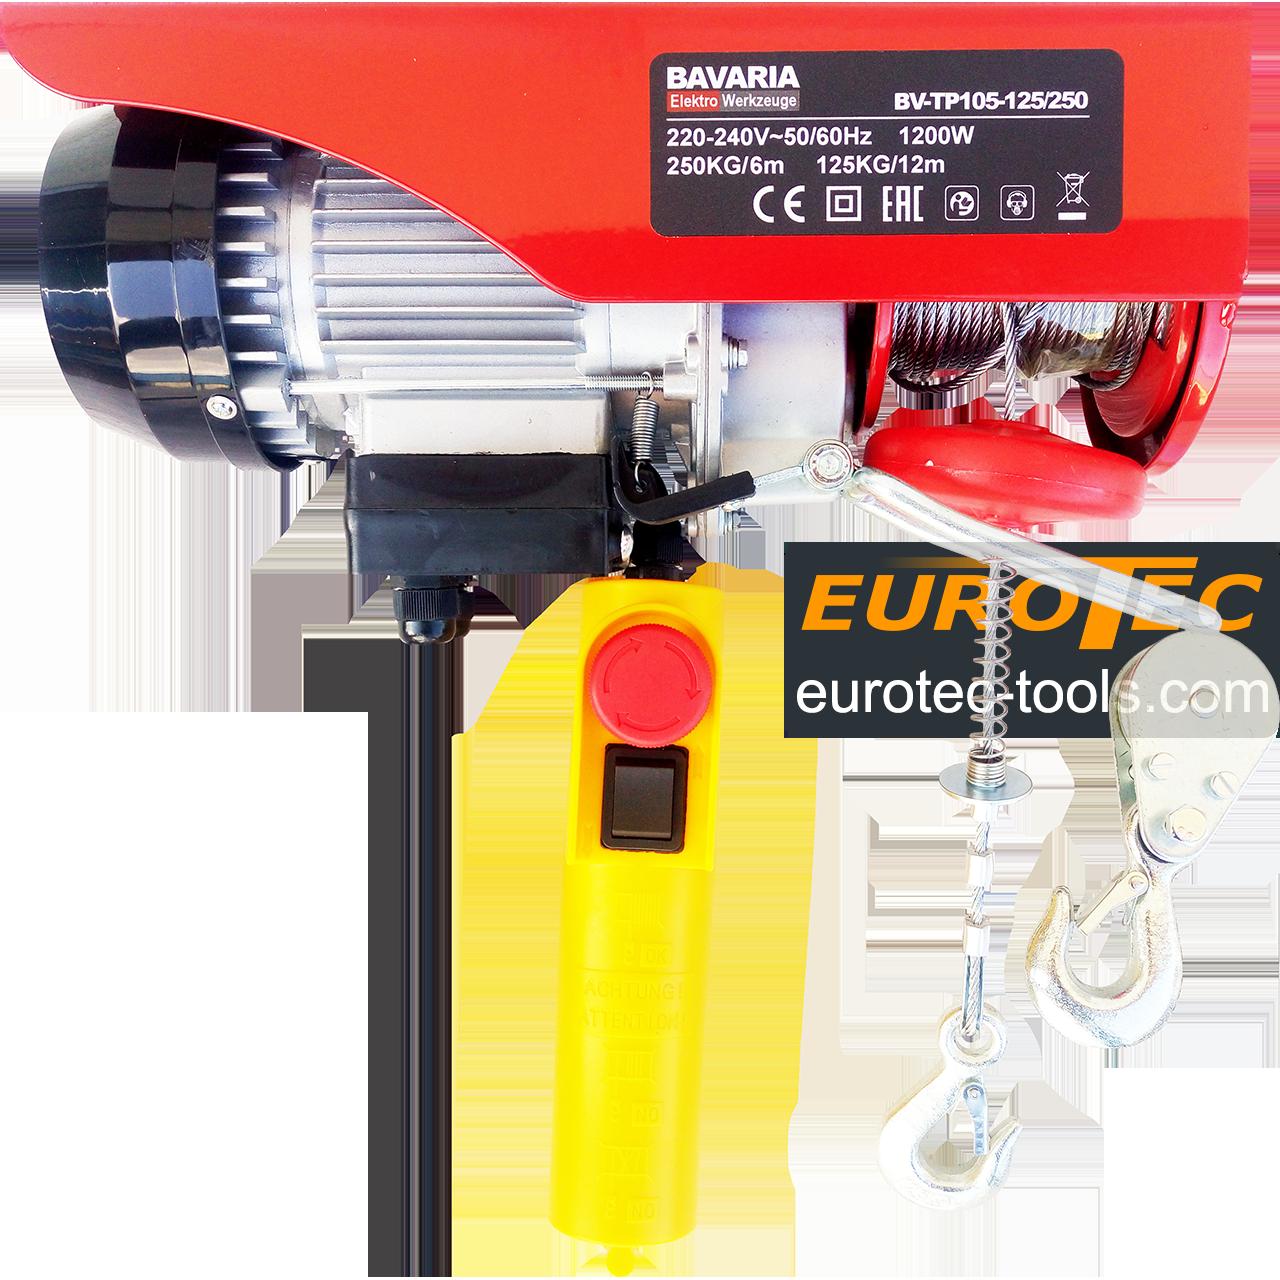 Тельфер 250 кг / 125 кг, 6/12 м Bavaria TP105 электрический тельфер канатная электроталь электрическая лебёдка